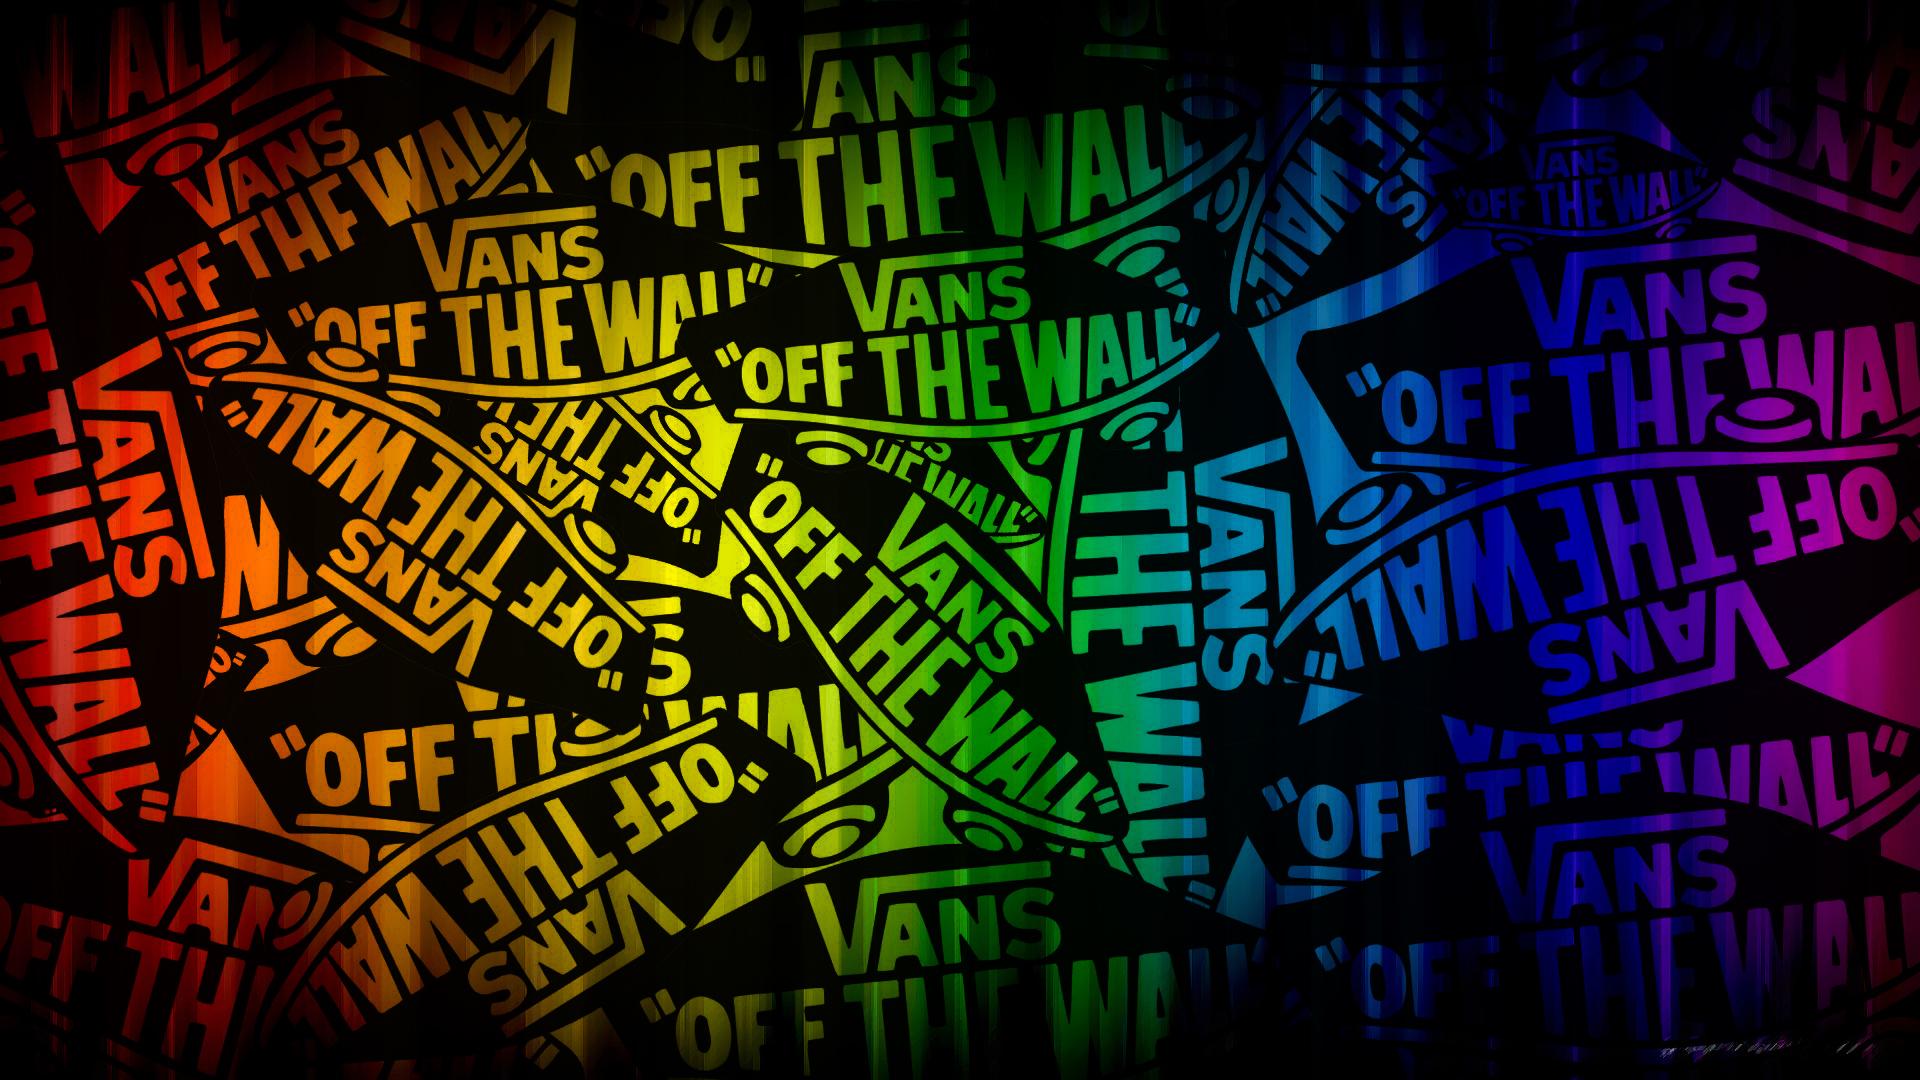 Vans Wallpaper